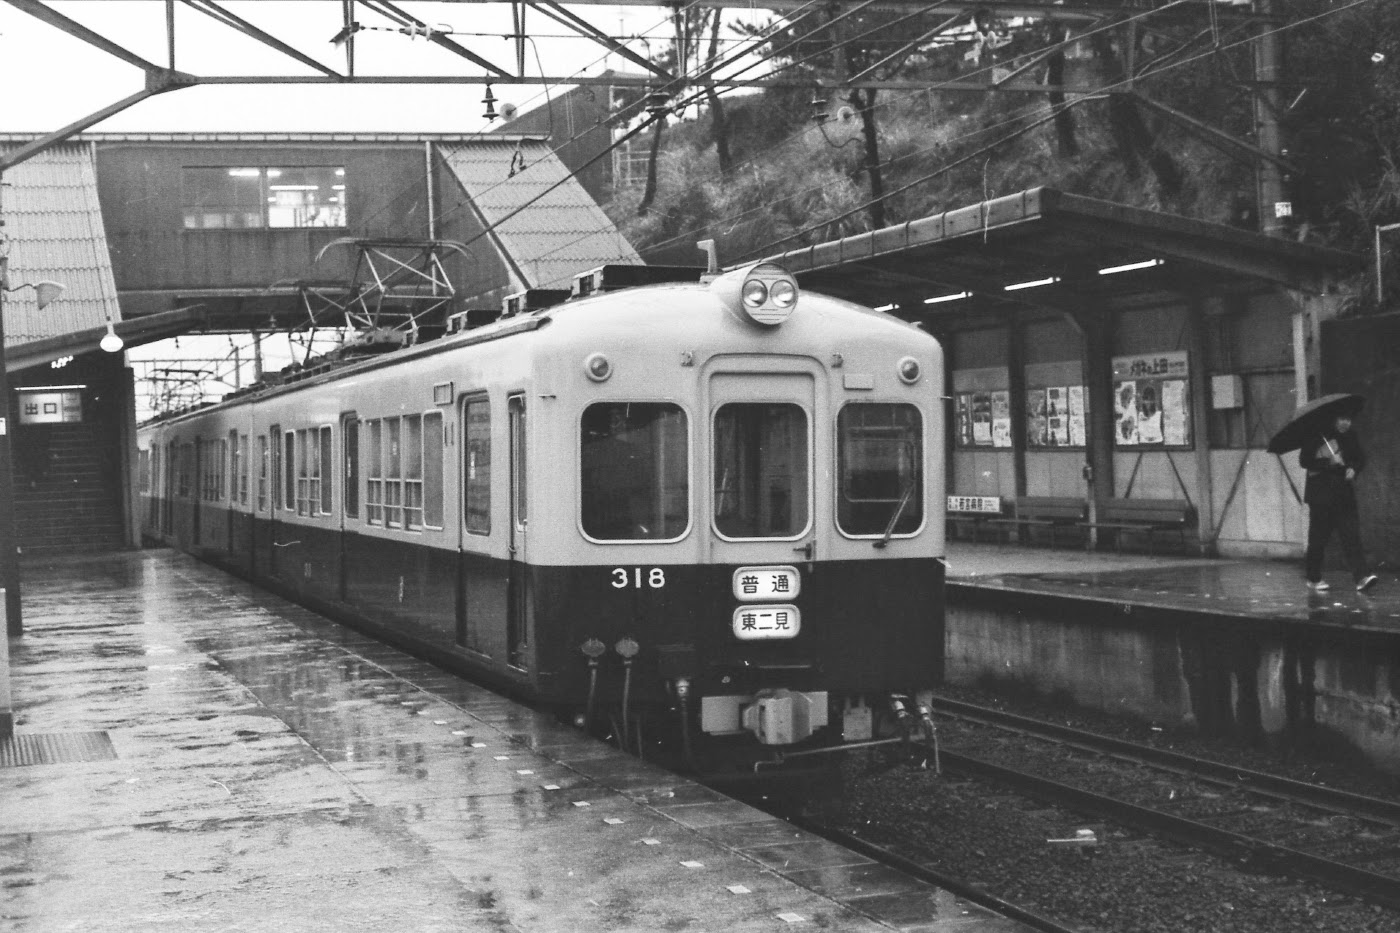 山陽電気鉄道300形電車 - Japane...